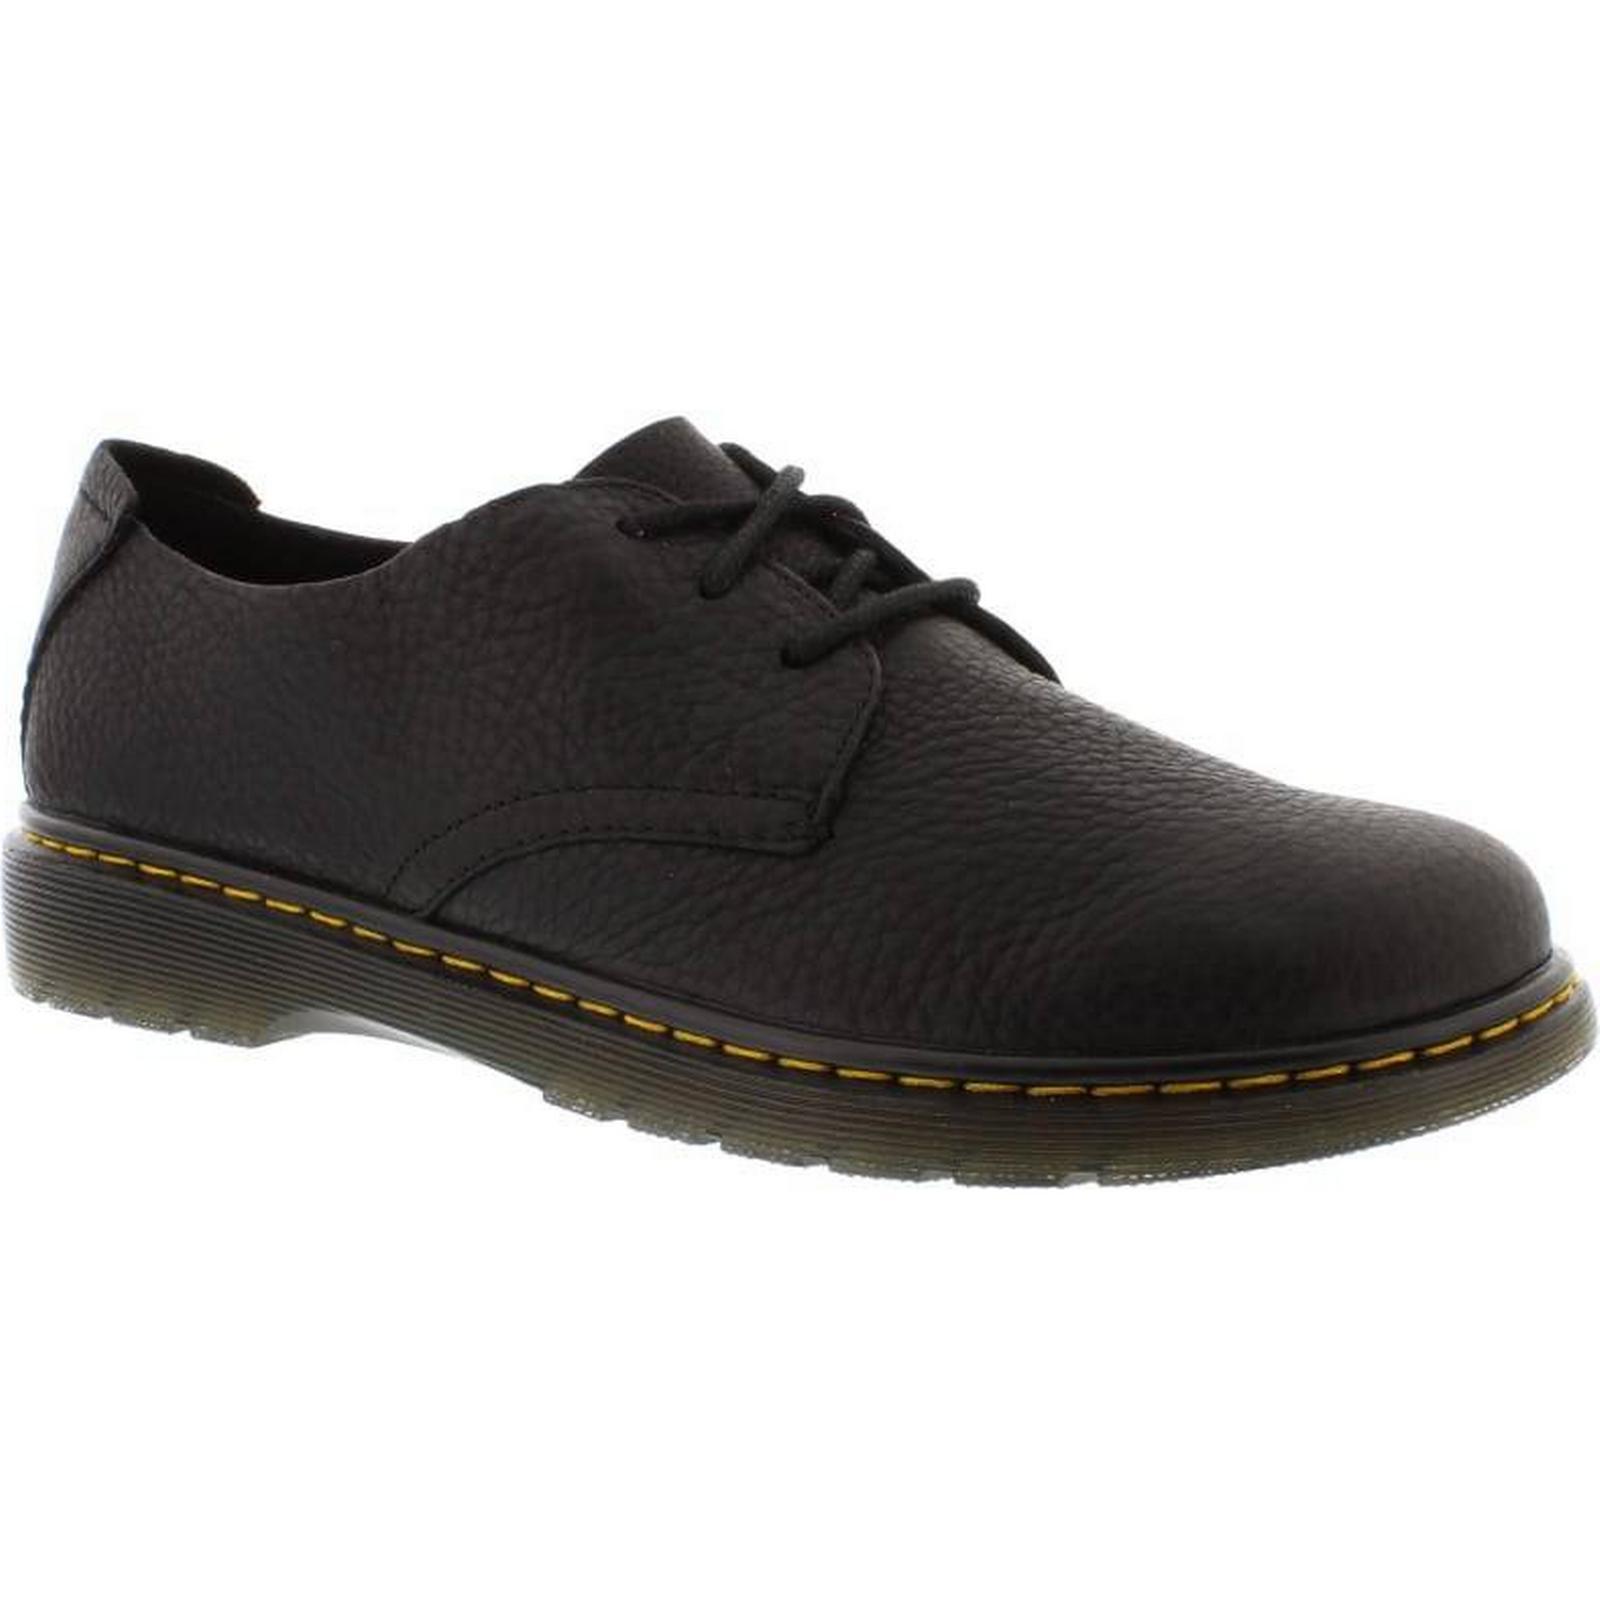 Dr Martens Elsfield - Black UK Grizzly Size: 10 UK Black 397883